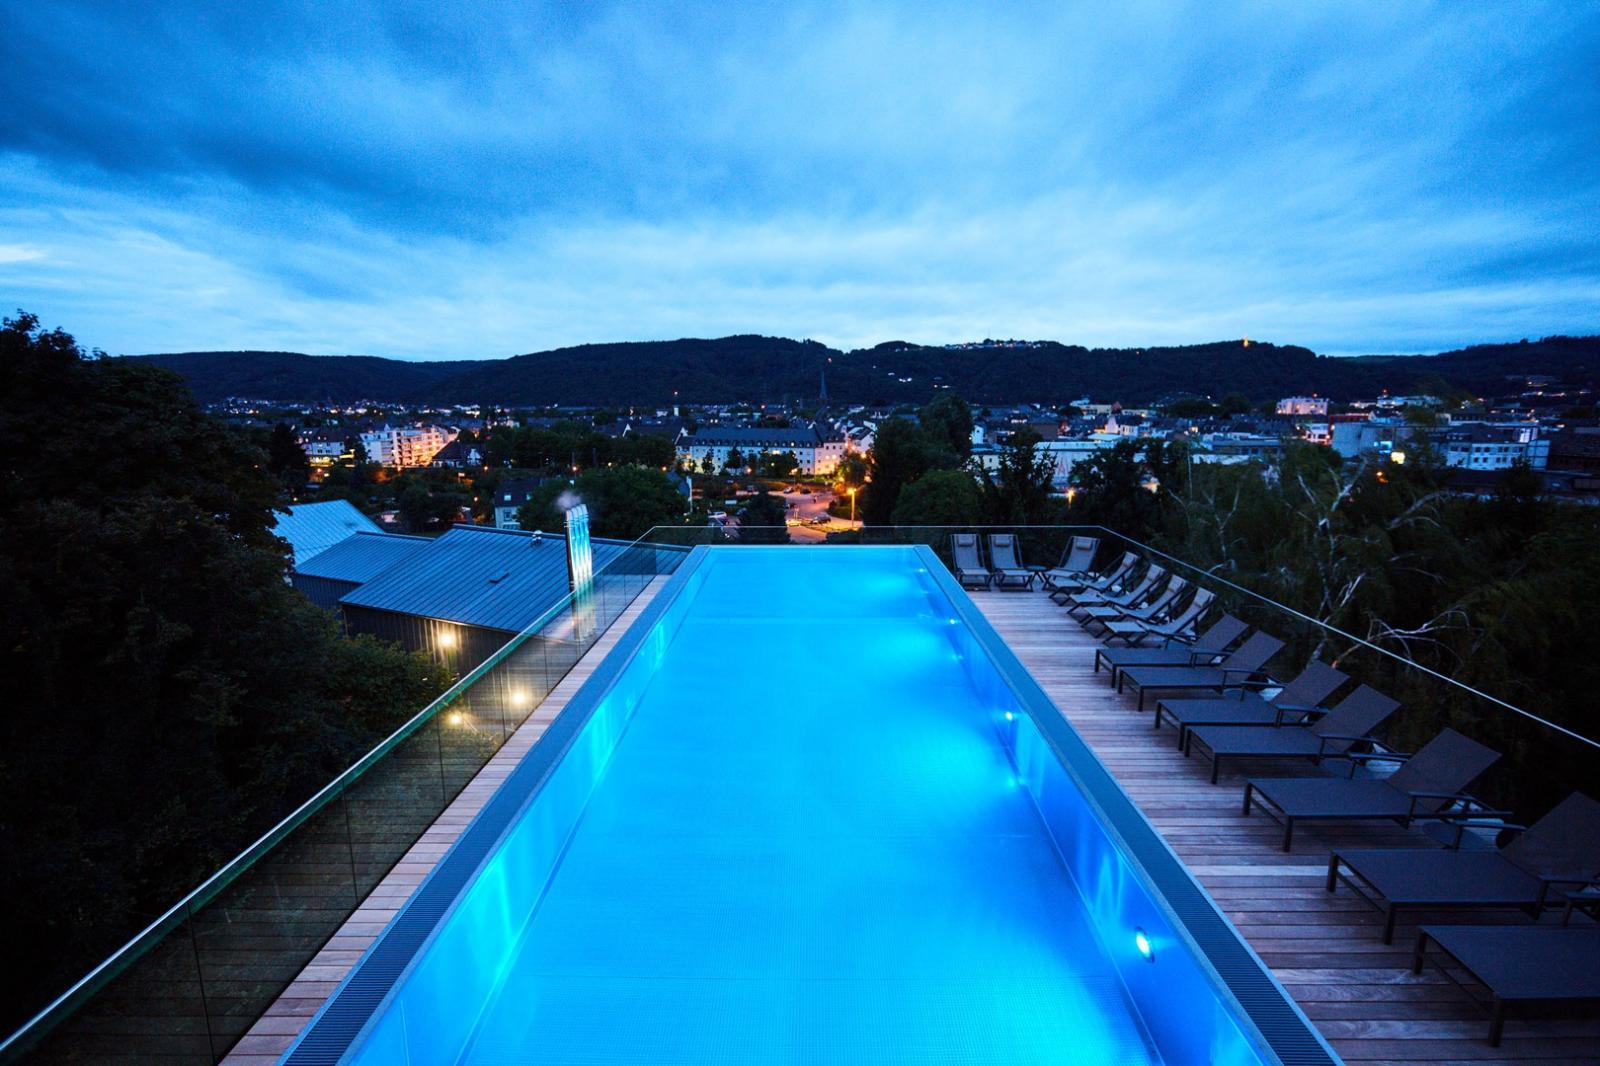 Hotel Villa Hügel » Wellness & Spa » Bewertung & Bericht